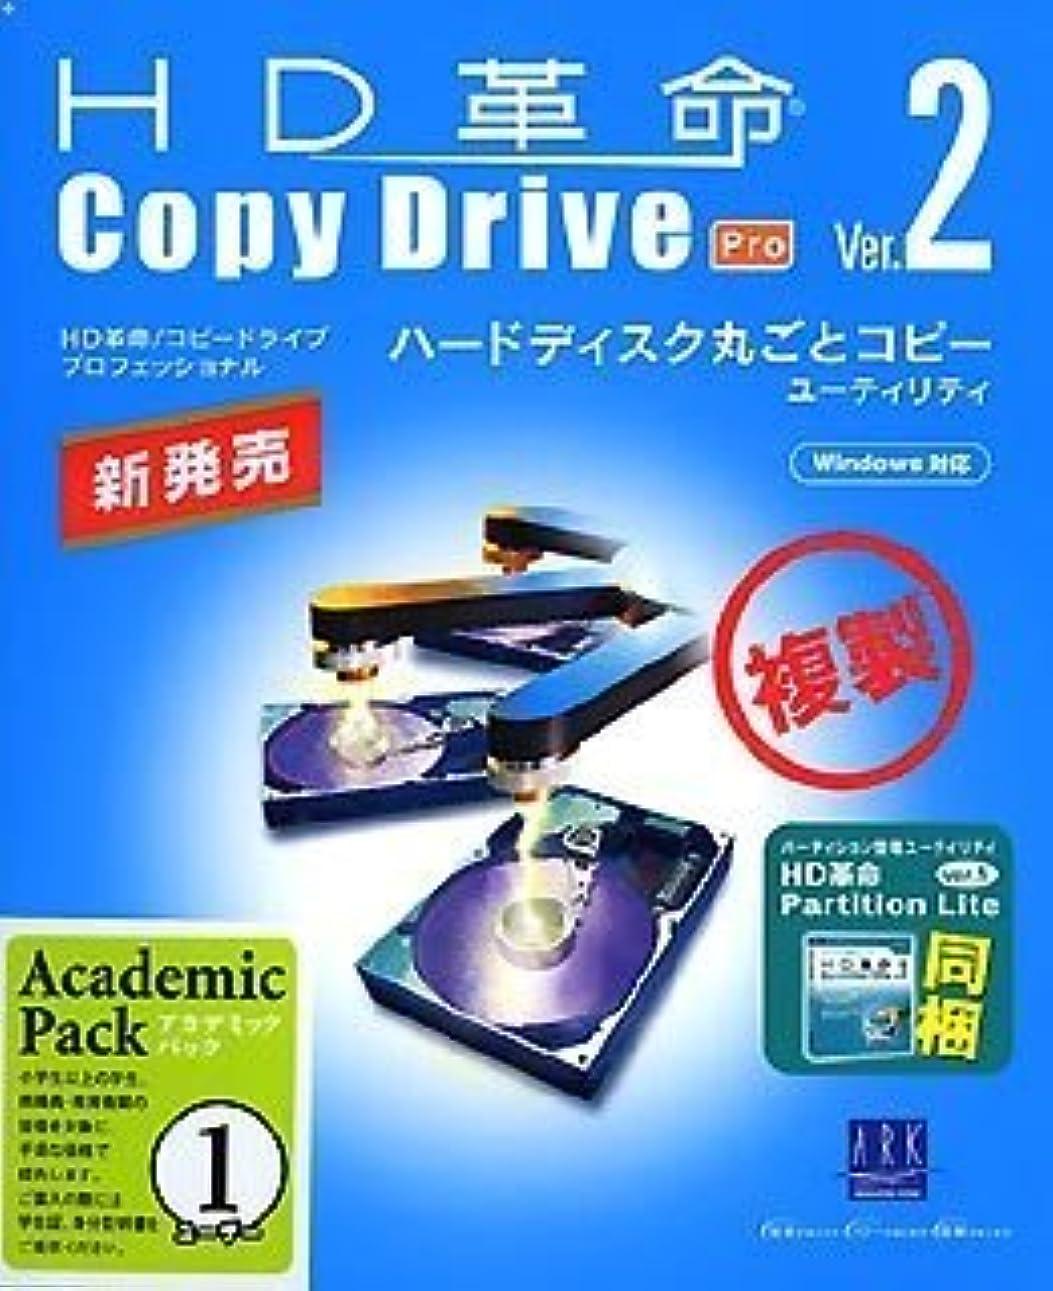 こどもセンター倉庫志すHD革命/CopyDrive Ver.2 Pro アカデミックパック 1ユーザー